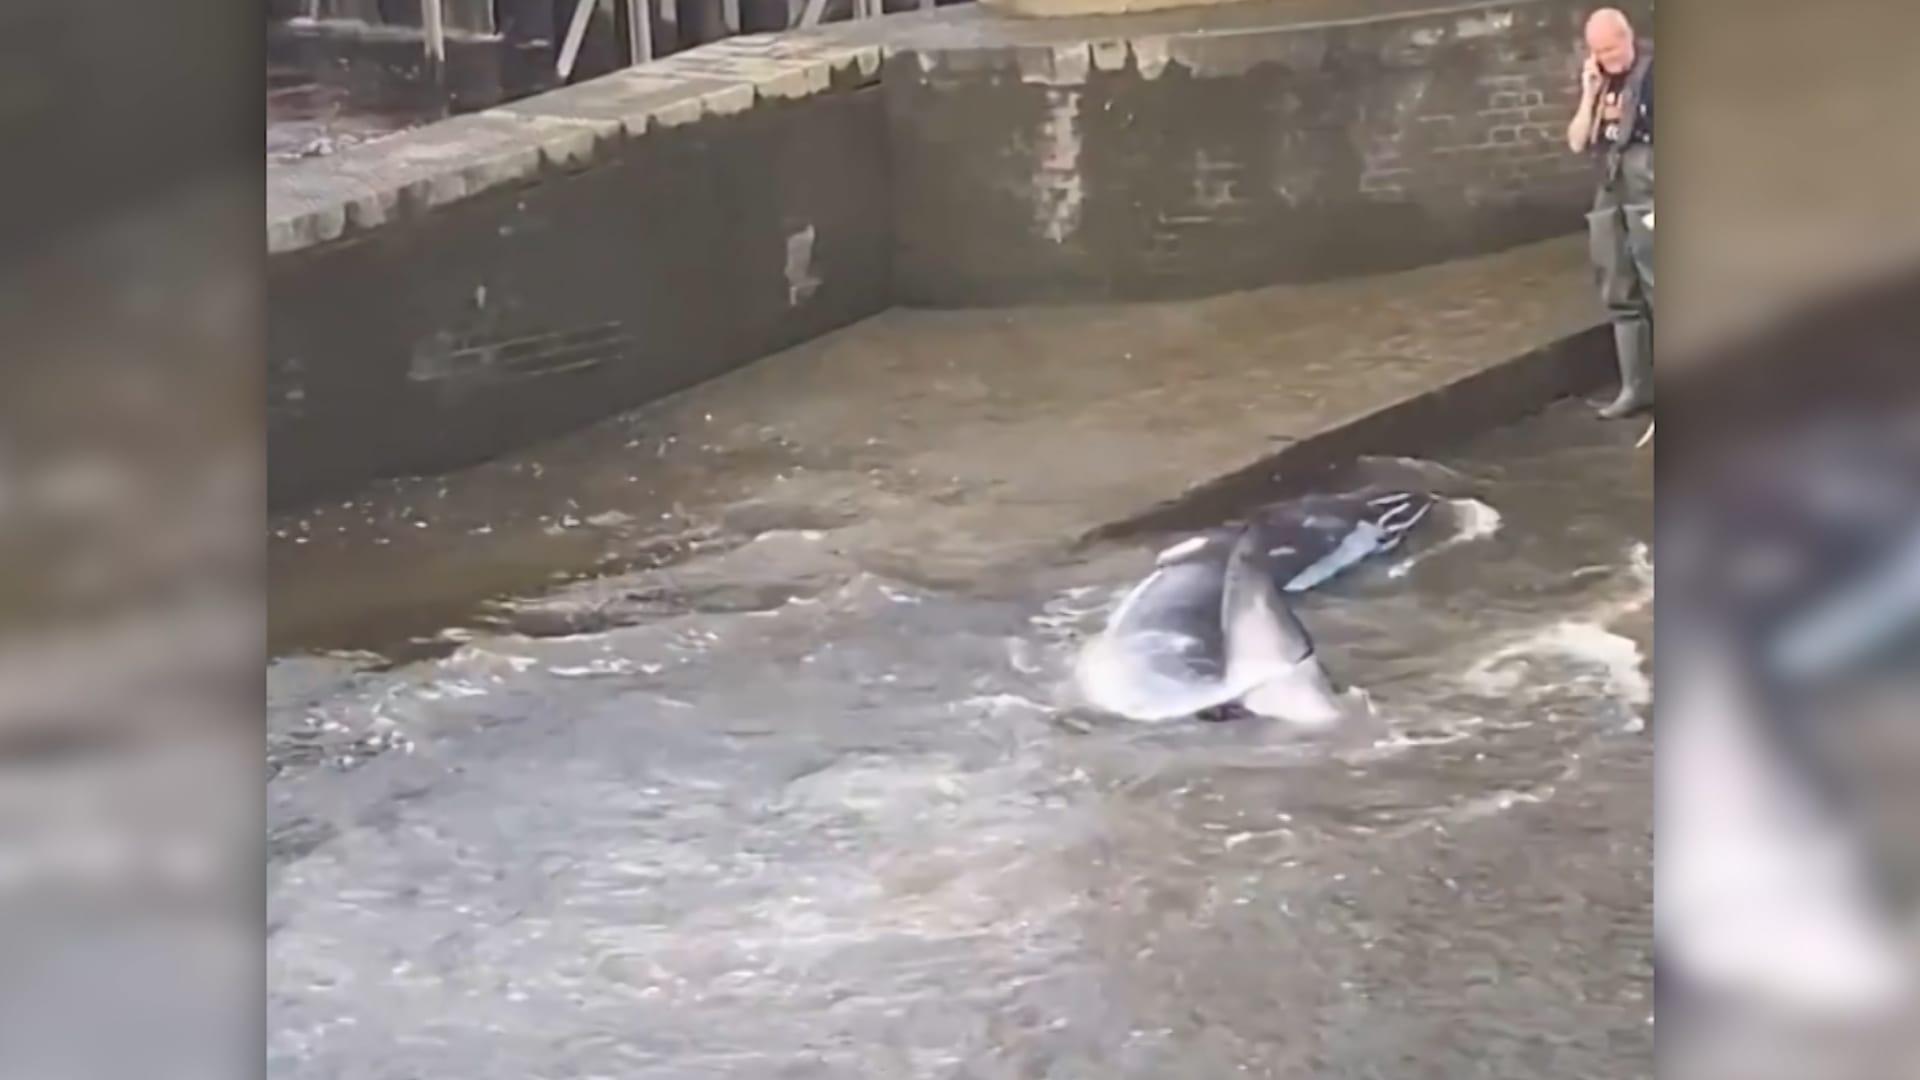 شاهد.. عملية تحرير حوت تقطعت به السبل في نهر التايمز بلندن